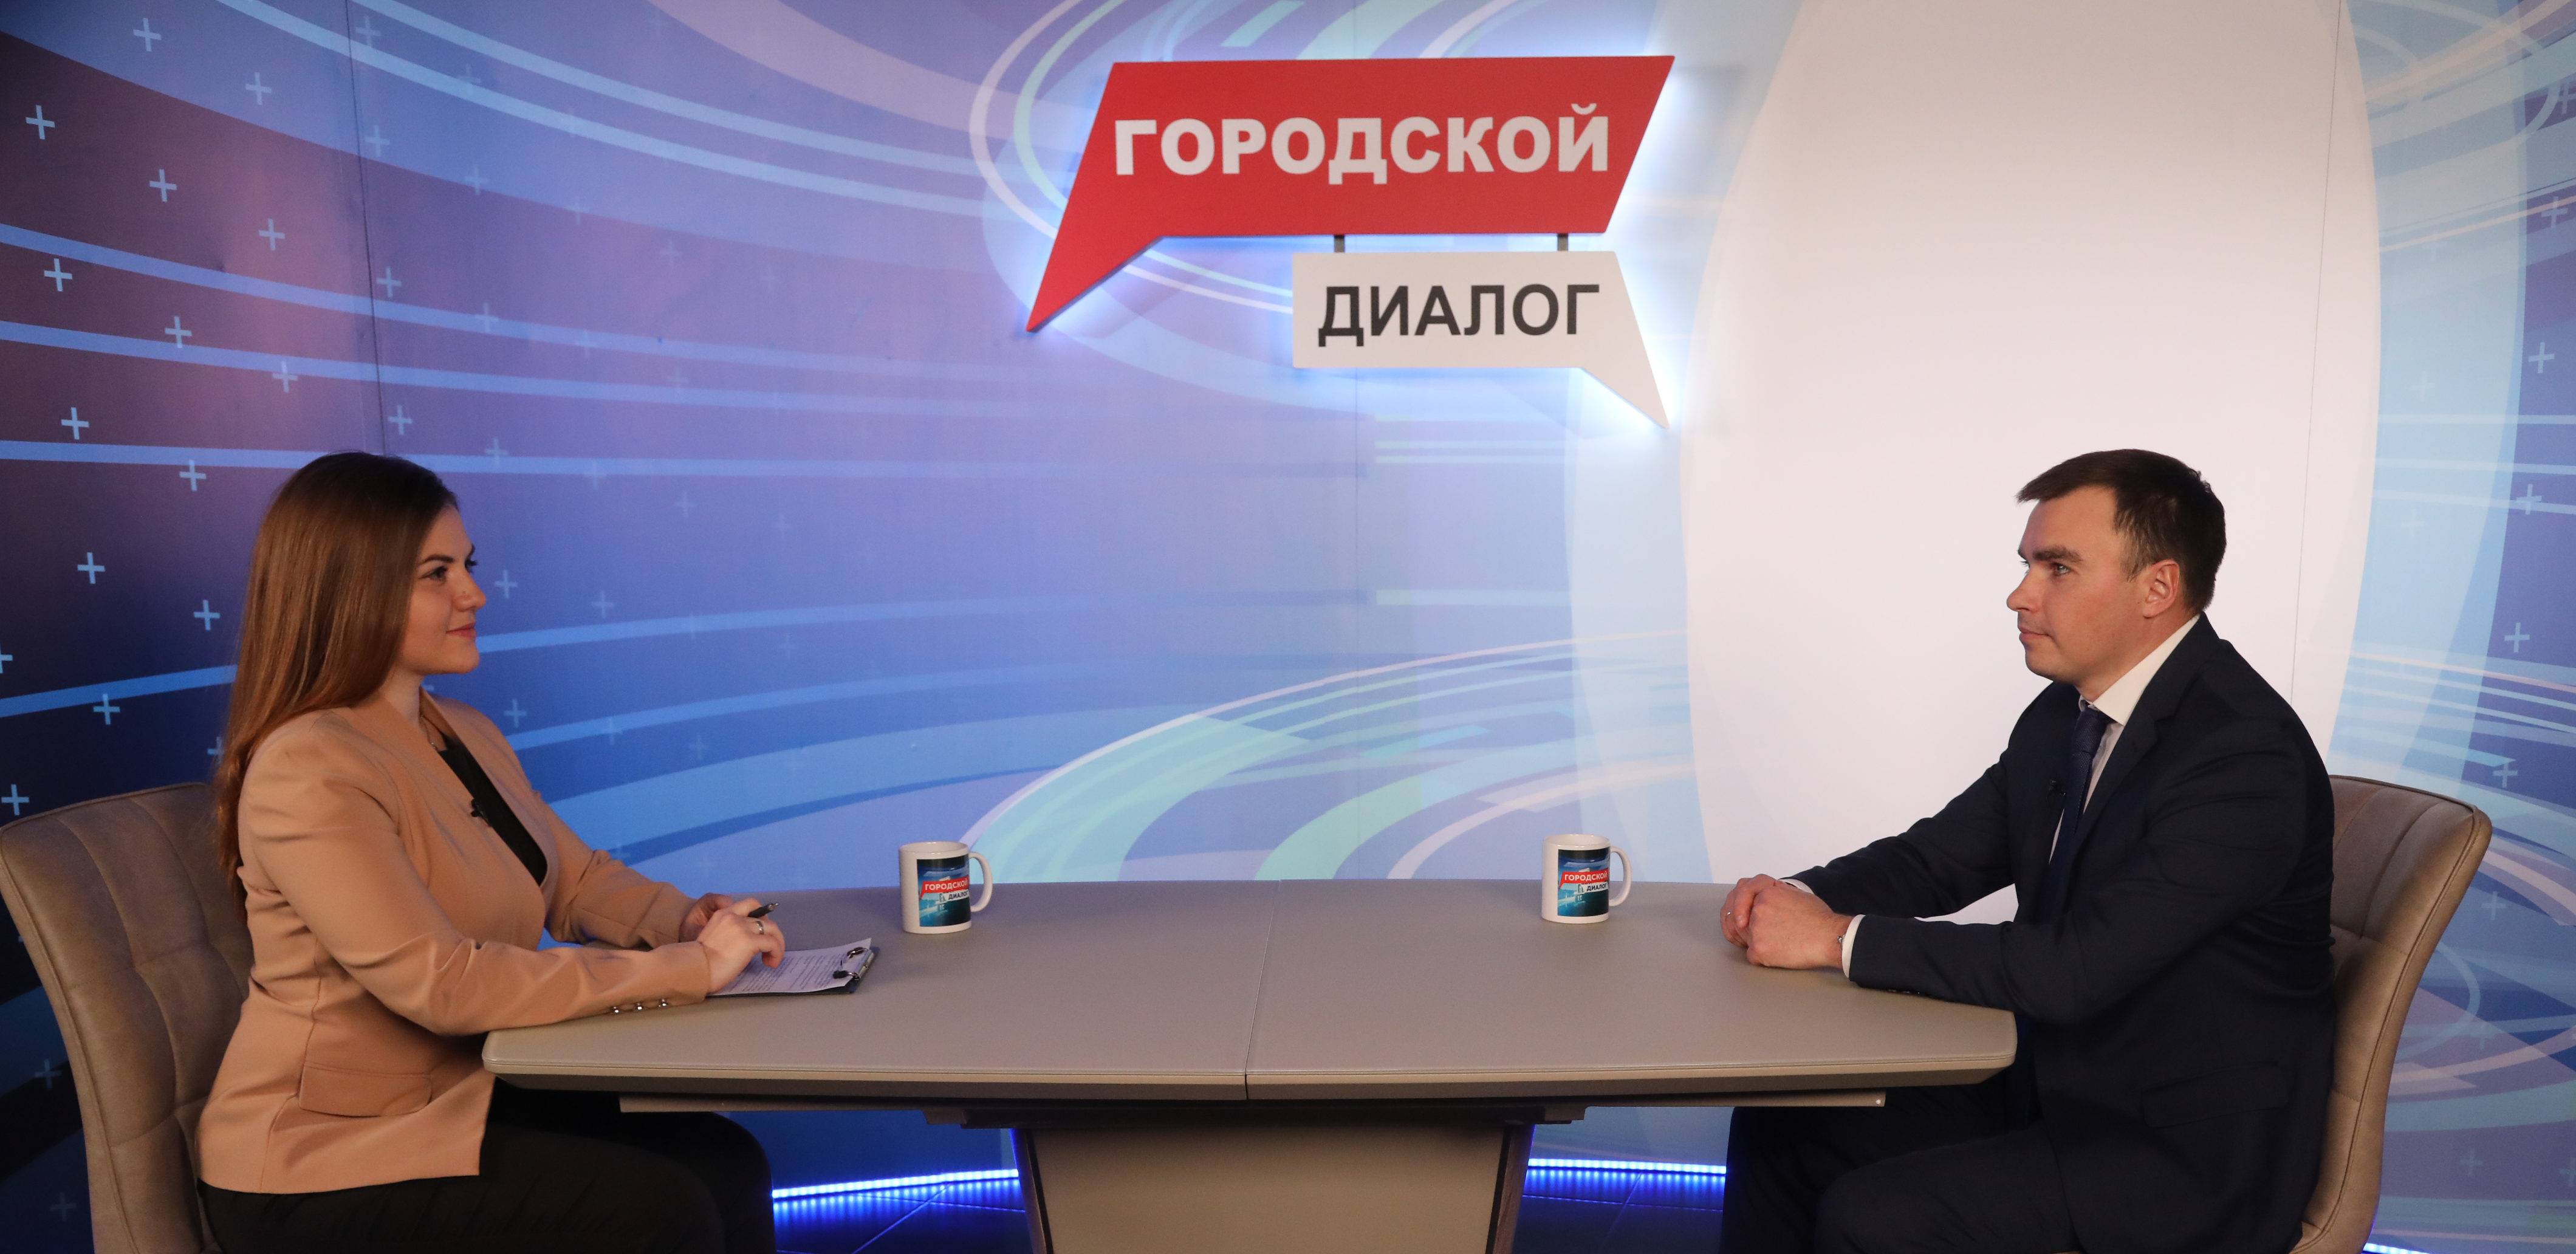 """""""Городской диалог"""" с Дмитрием Карасевым"""